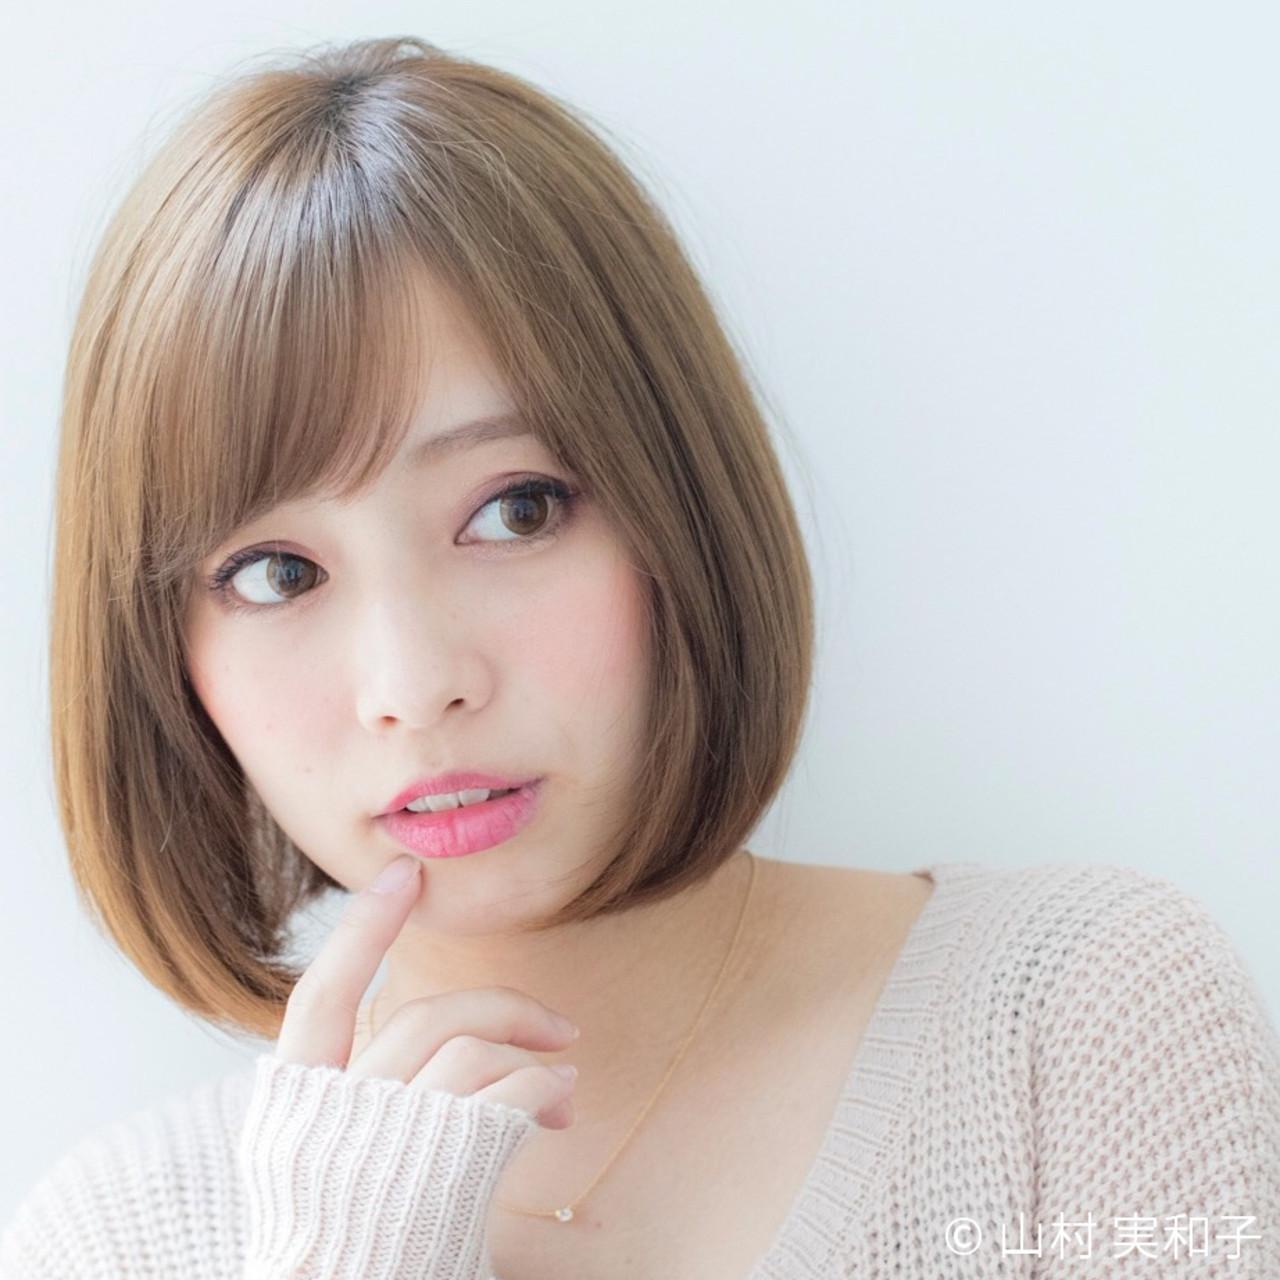 一番大事なポイントなのは顔型! 山村 実和子